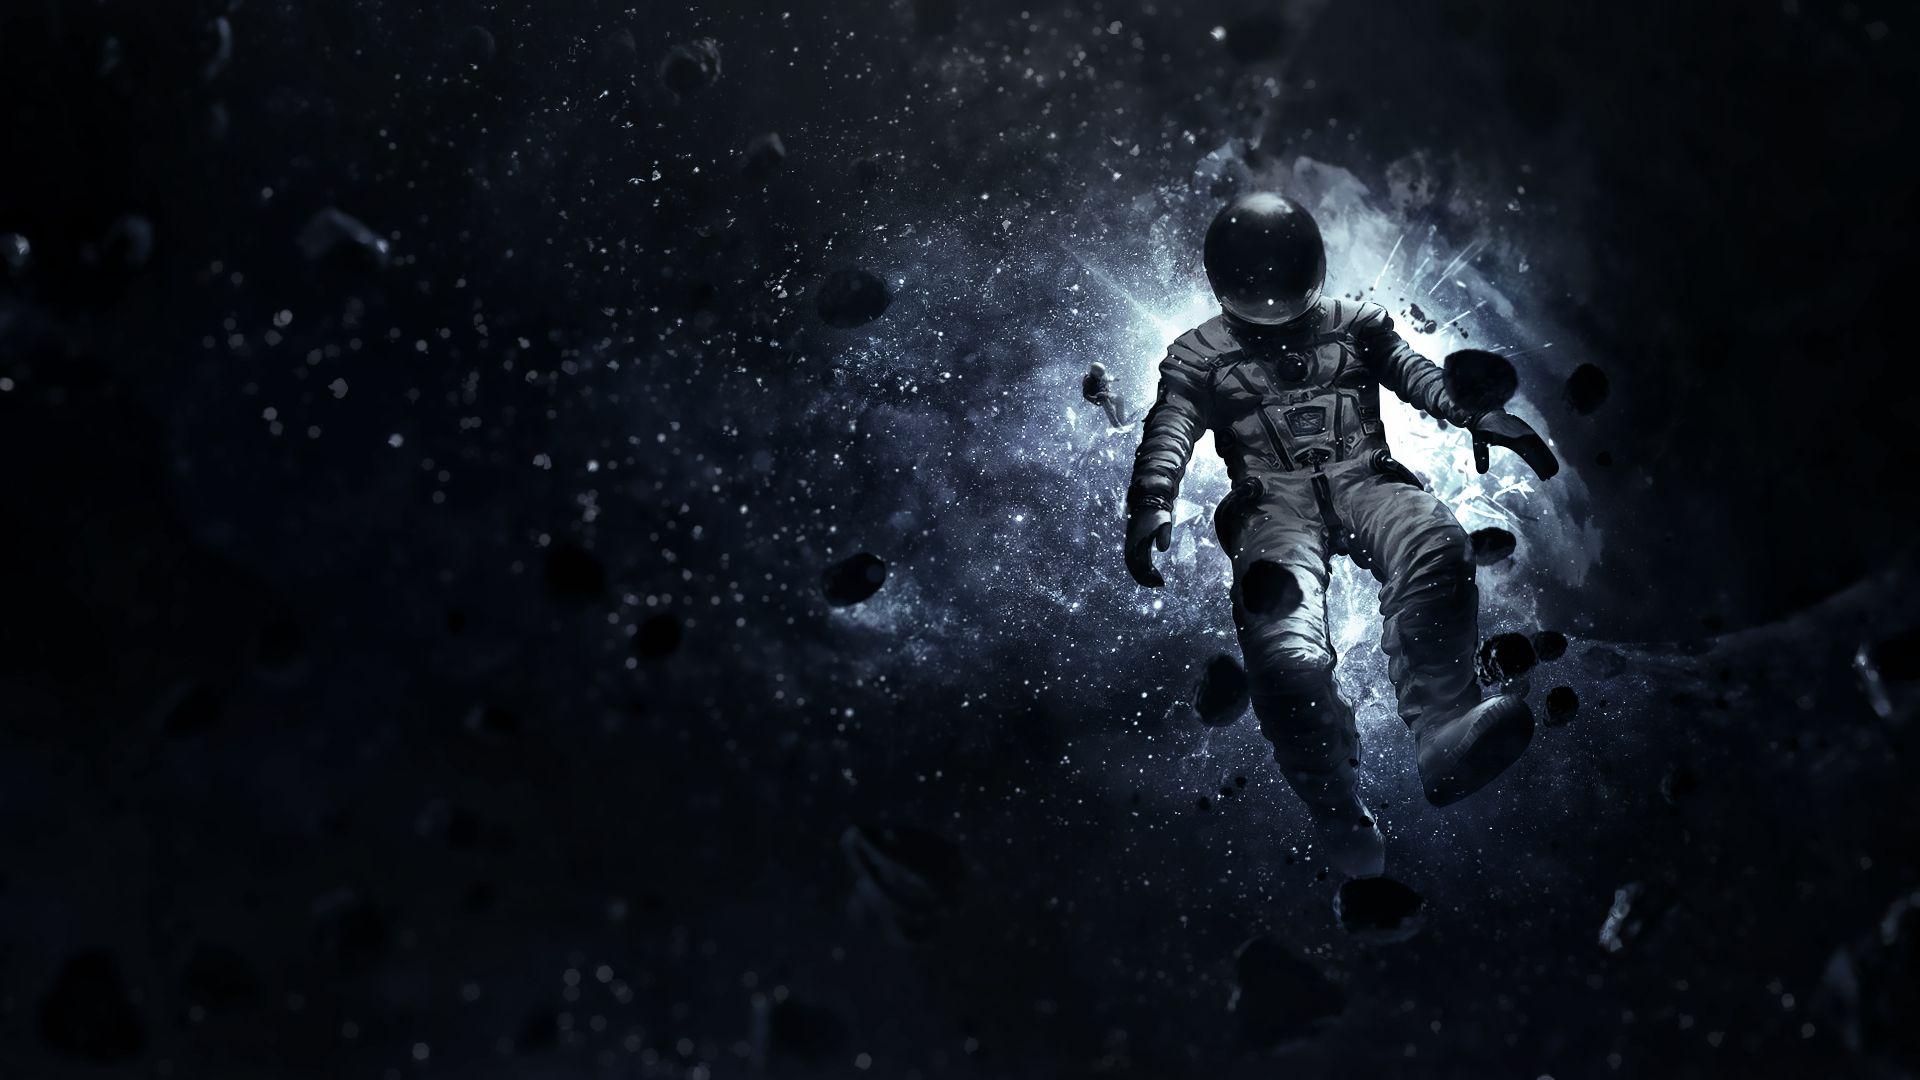 Astronaut Wallpaper 73 1920x1080